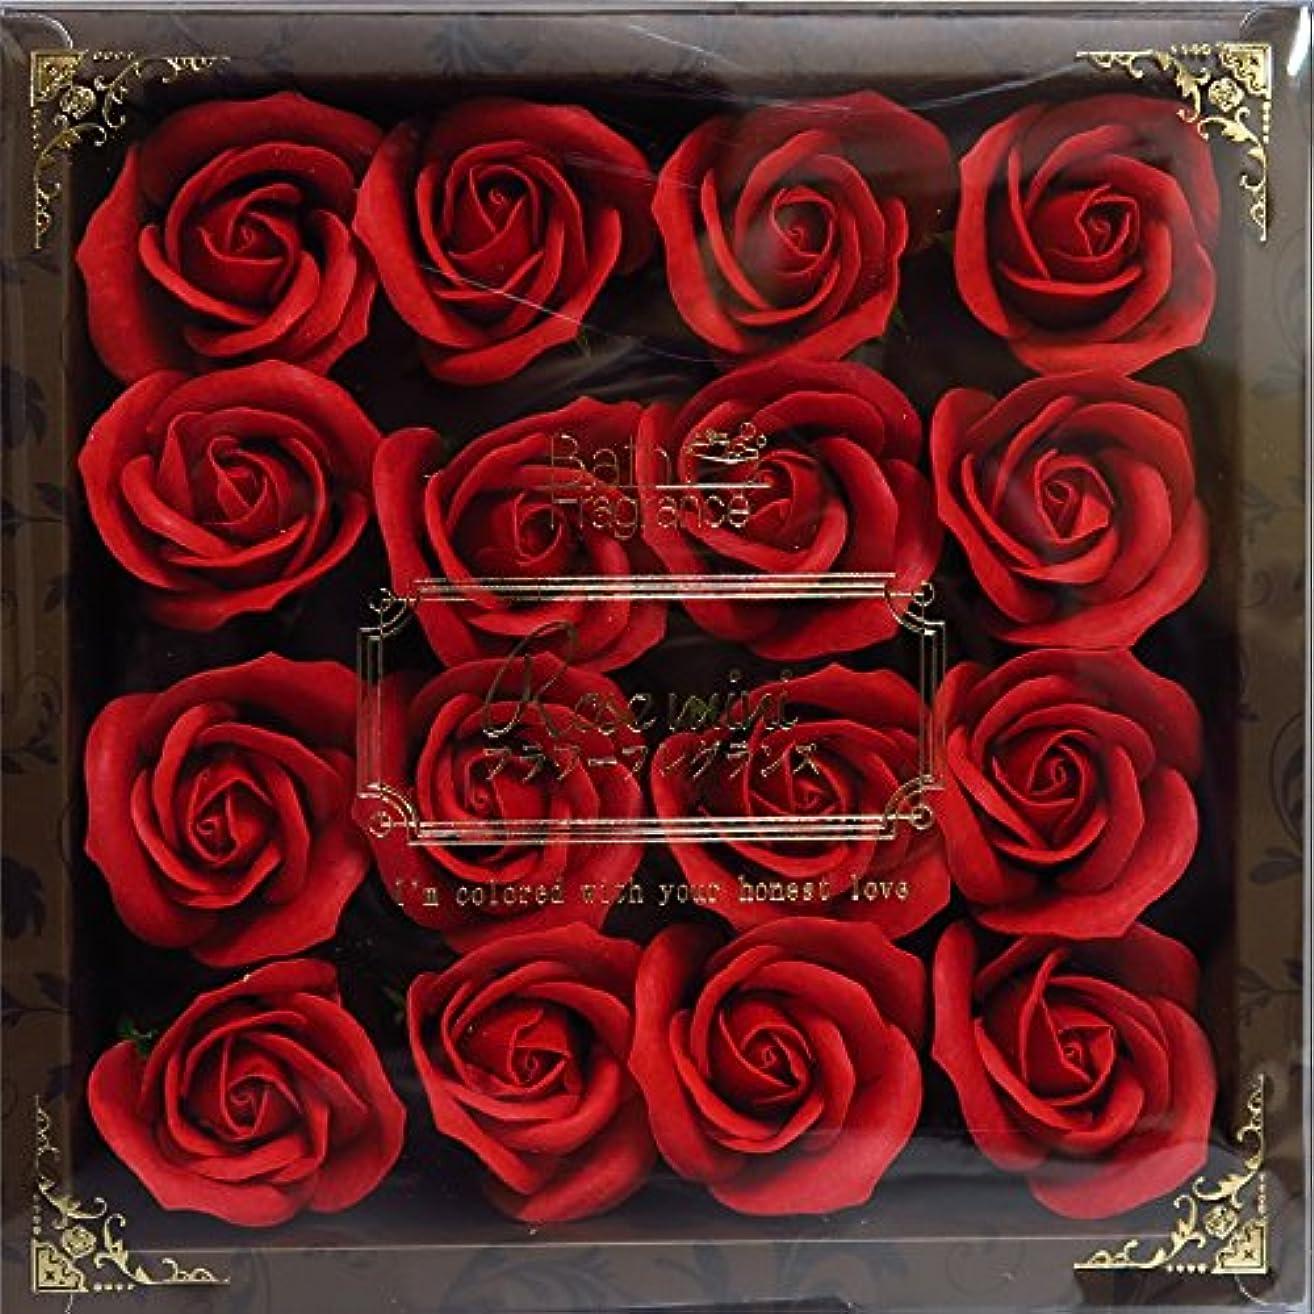 多様性等しい野心バスフレグランス バスフラワー ミニローズフレグランス(M)レッド ギフト お花の形の入浴剤 プレゼント ばら